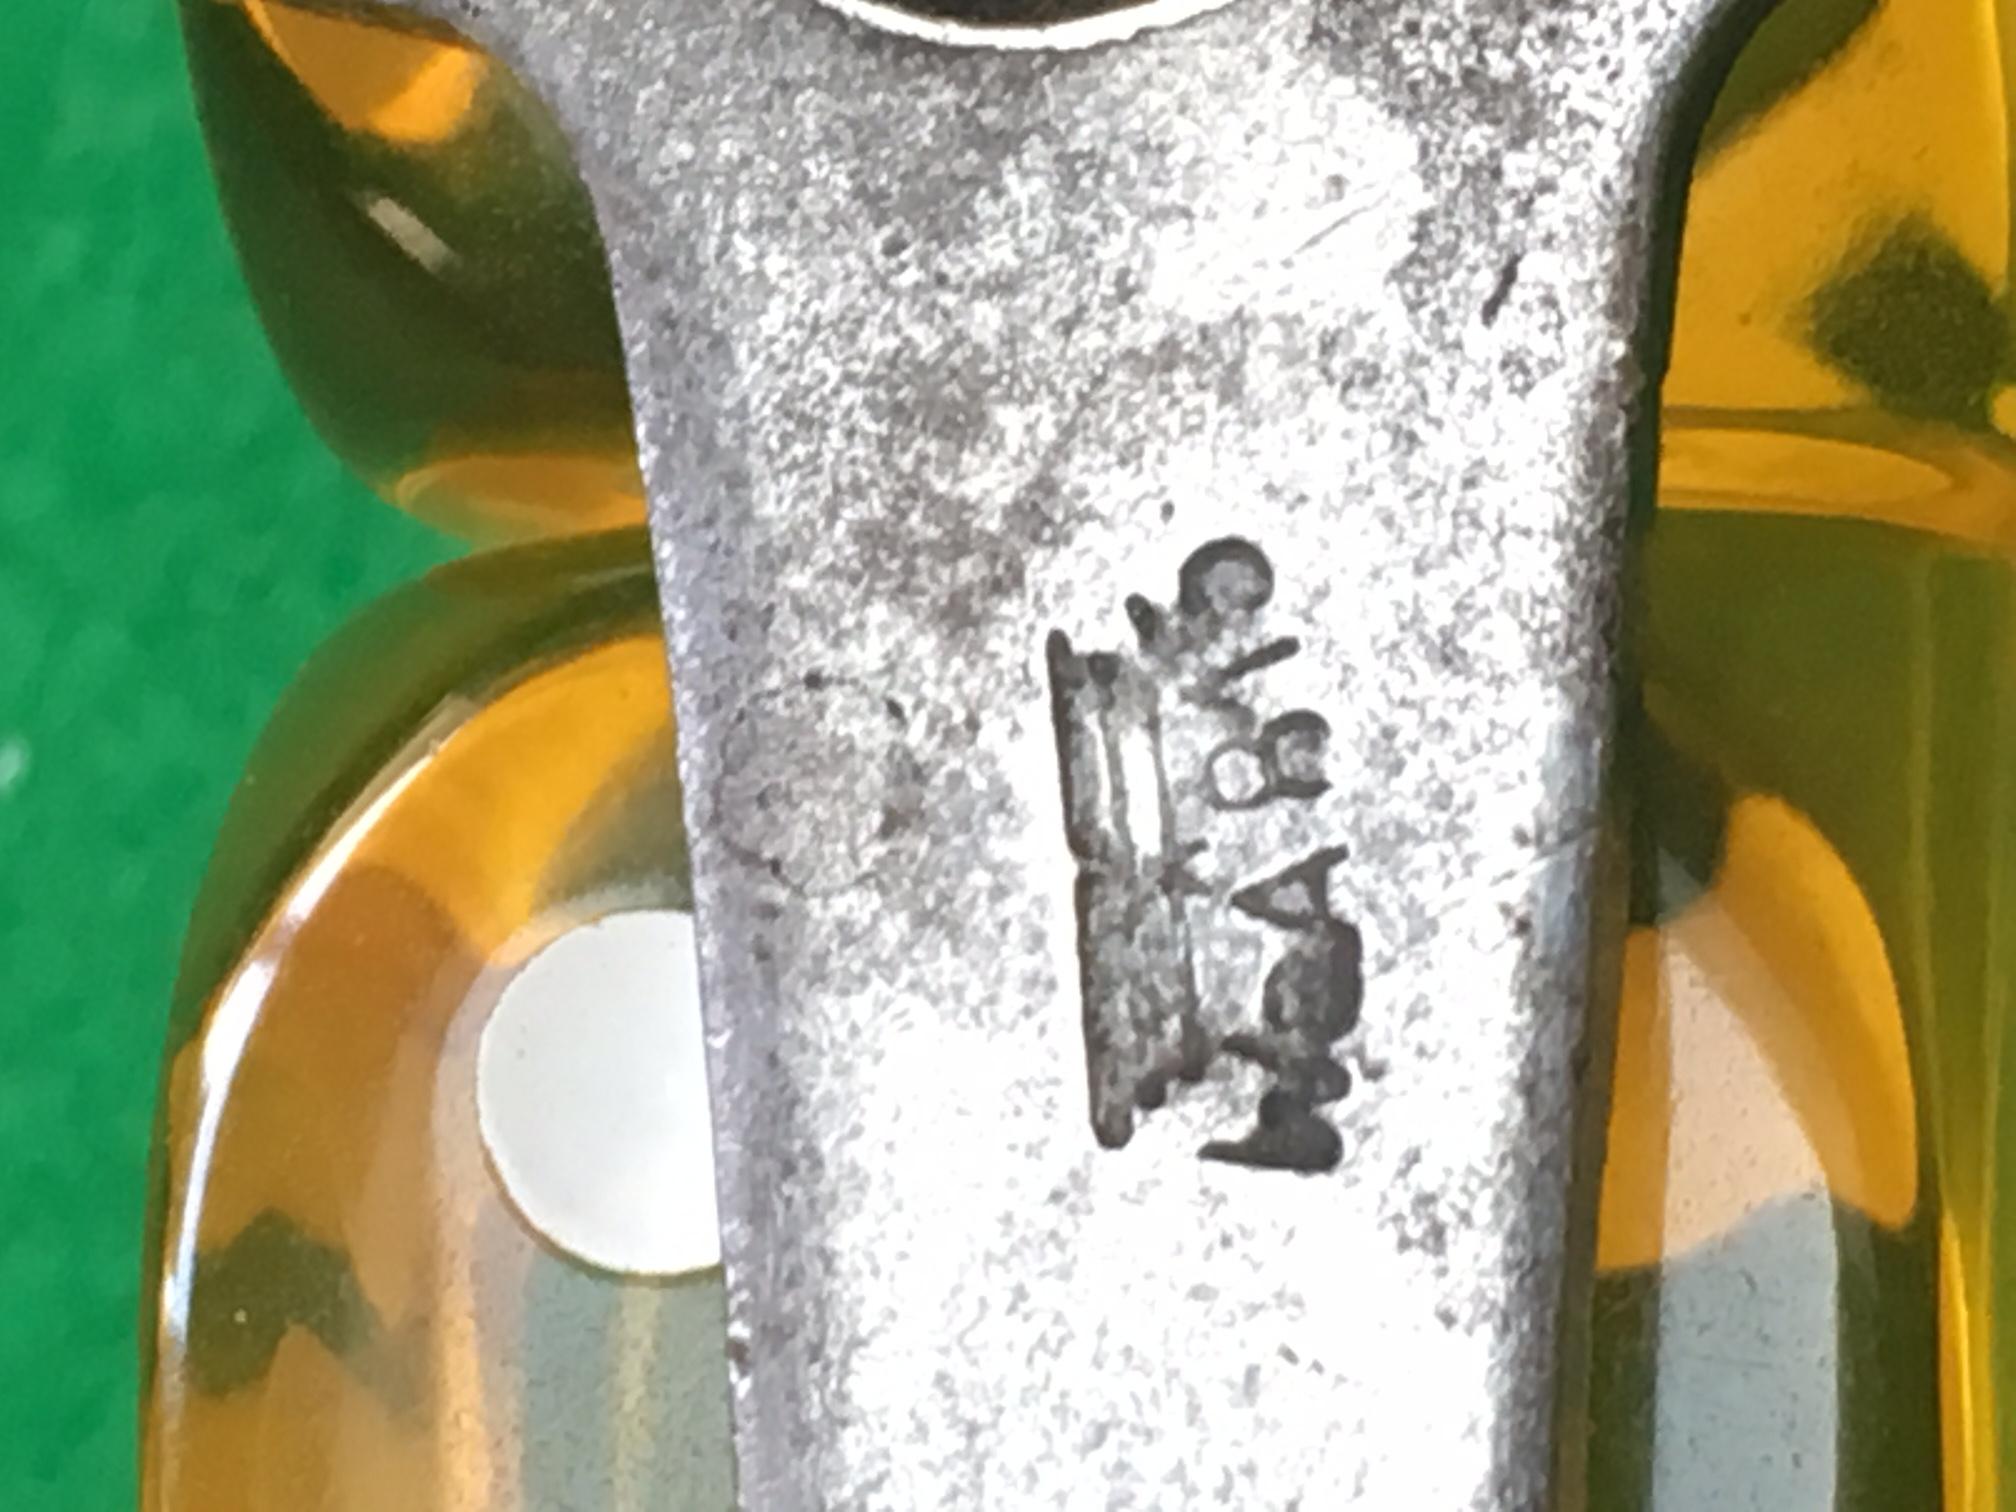 Les petits outils pour les P 08 de l'armée allemande de 1934 à 1942. - Page 2 180314121041222445